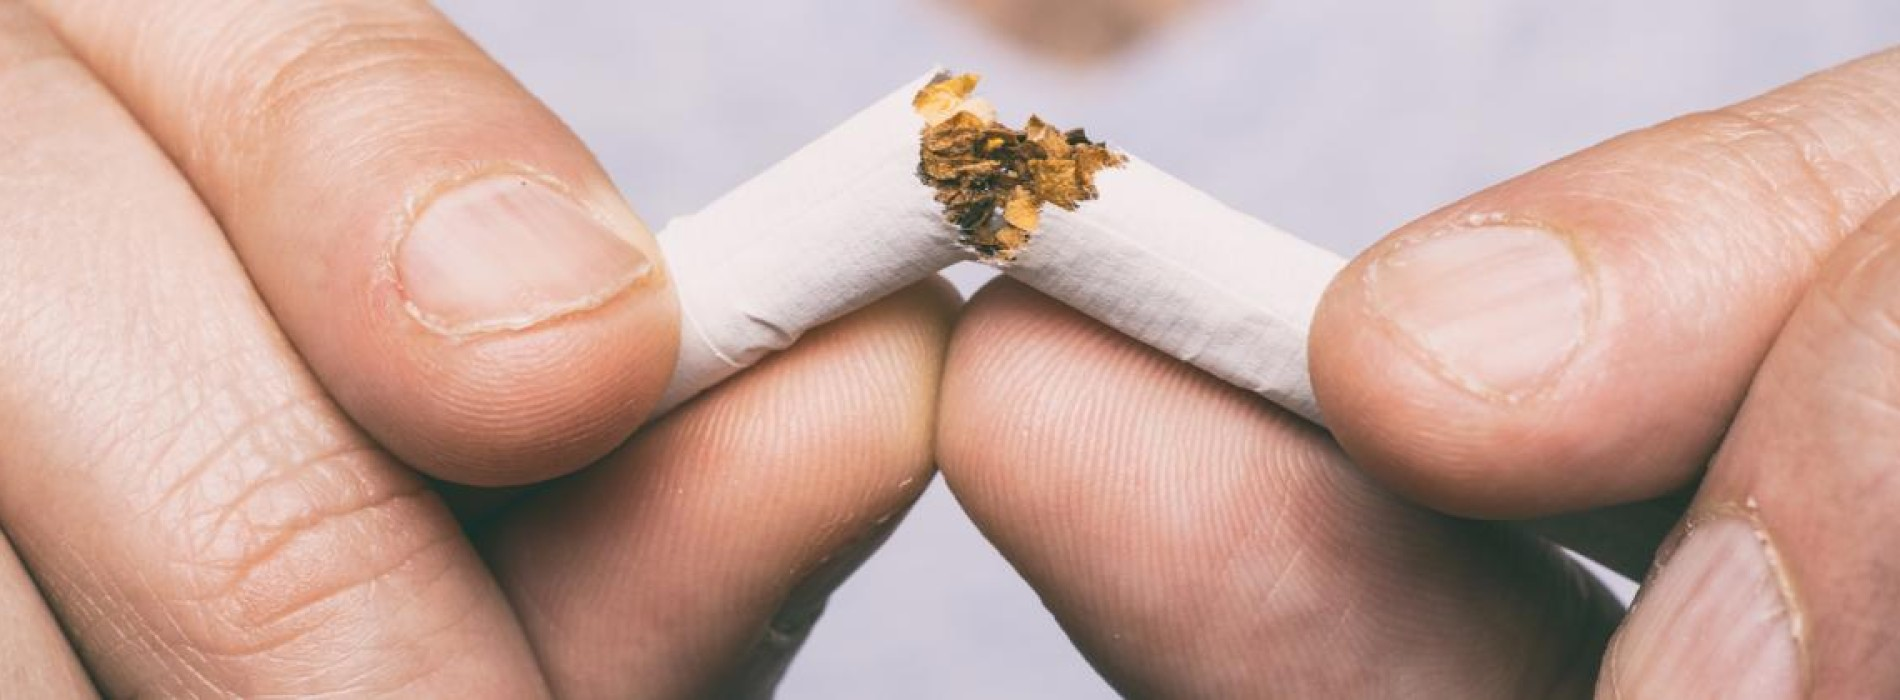 non mandare in fumo